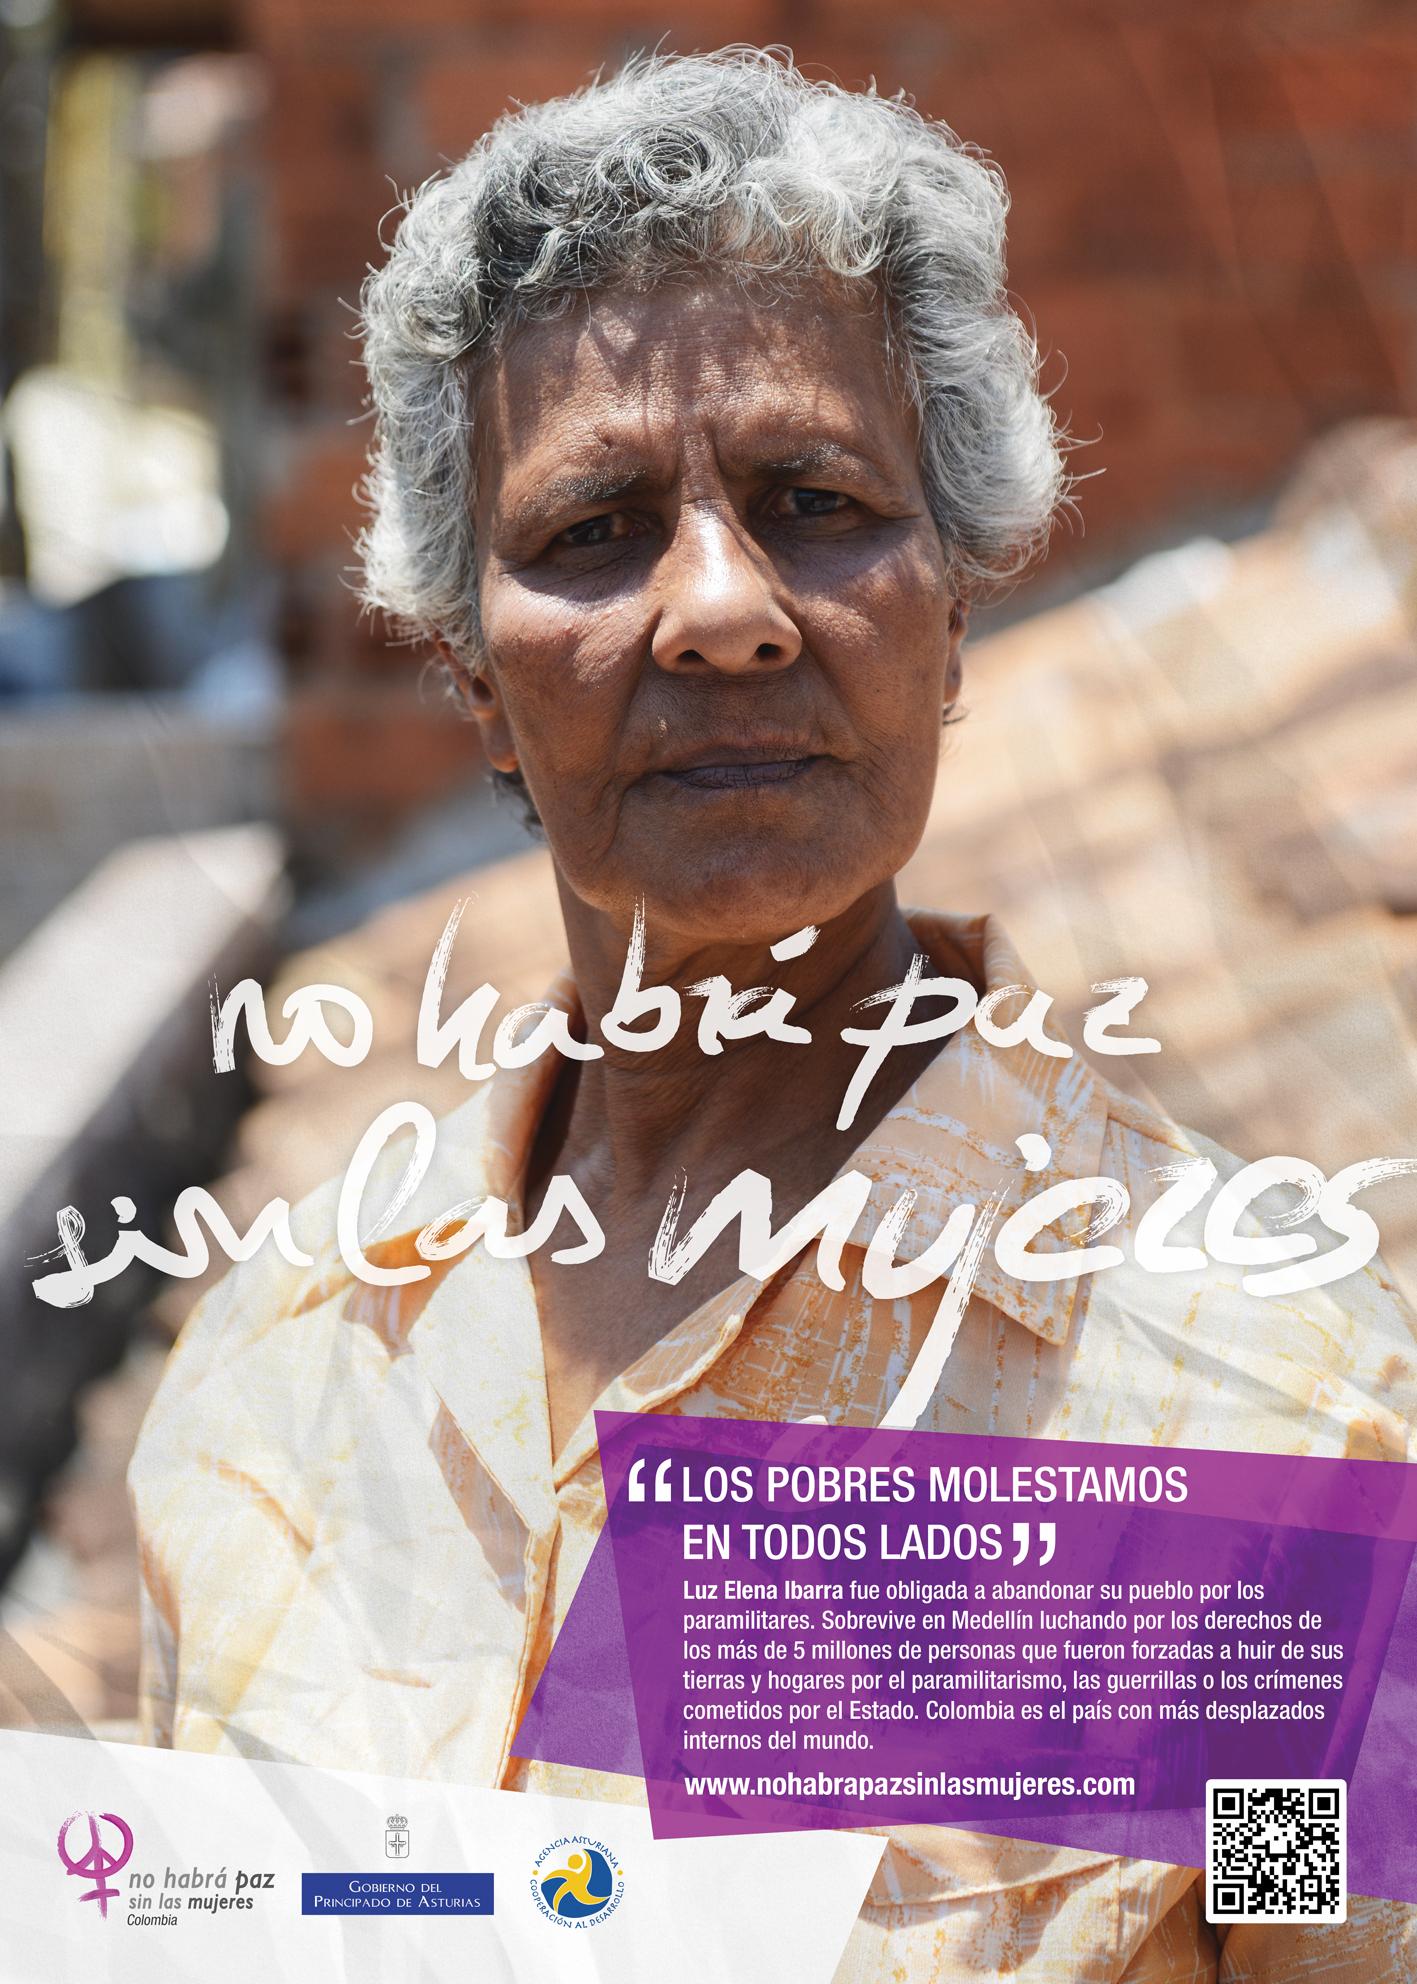 Luz Elena Ibarra, desplazada por el conflicto, y defensora de los derechos humanos.